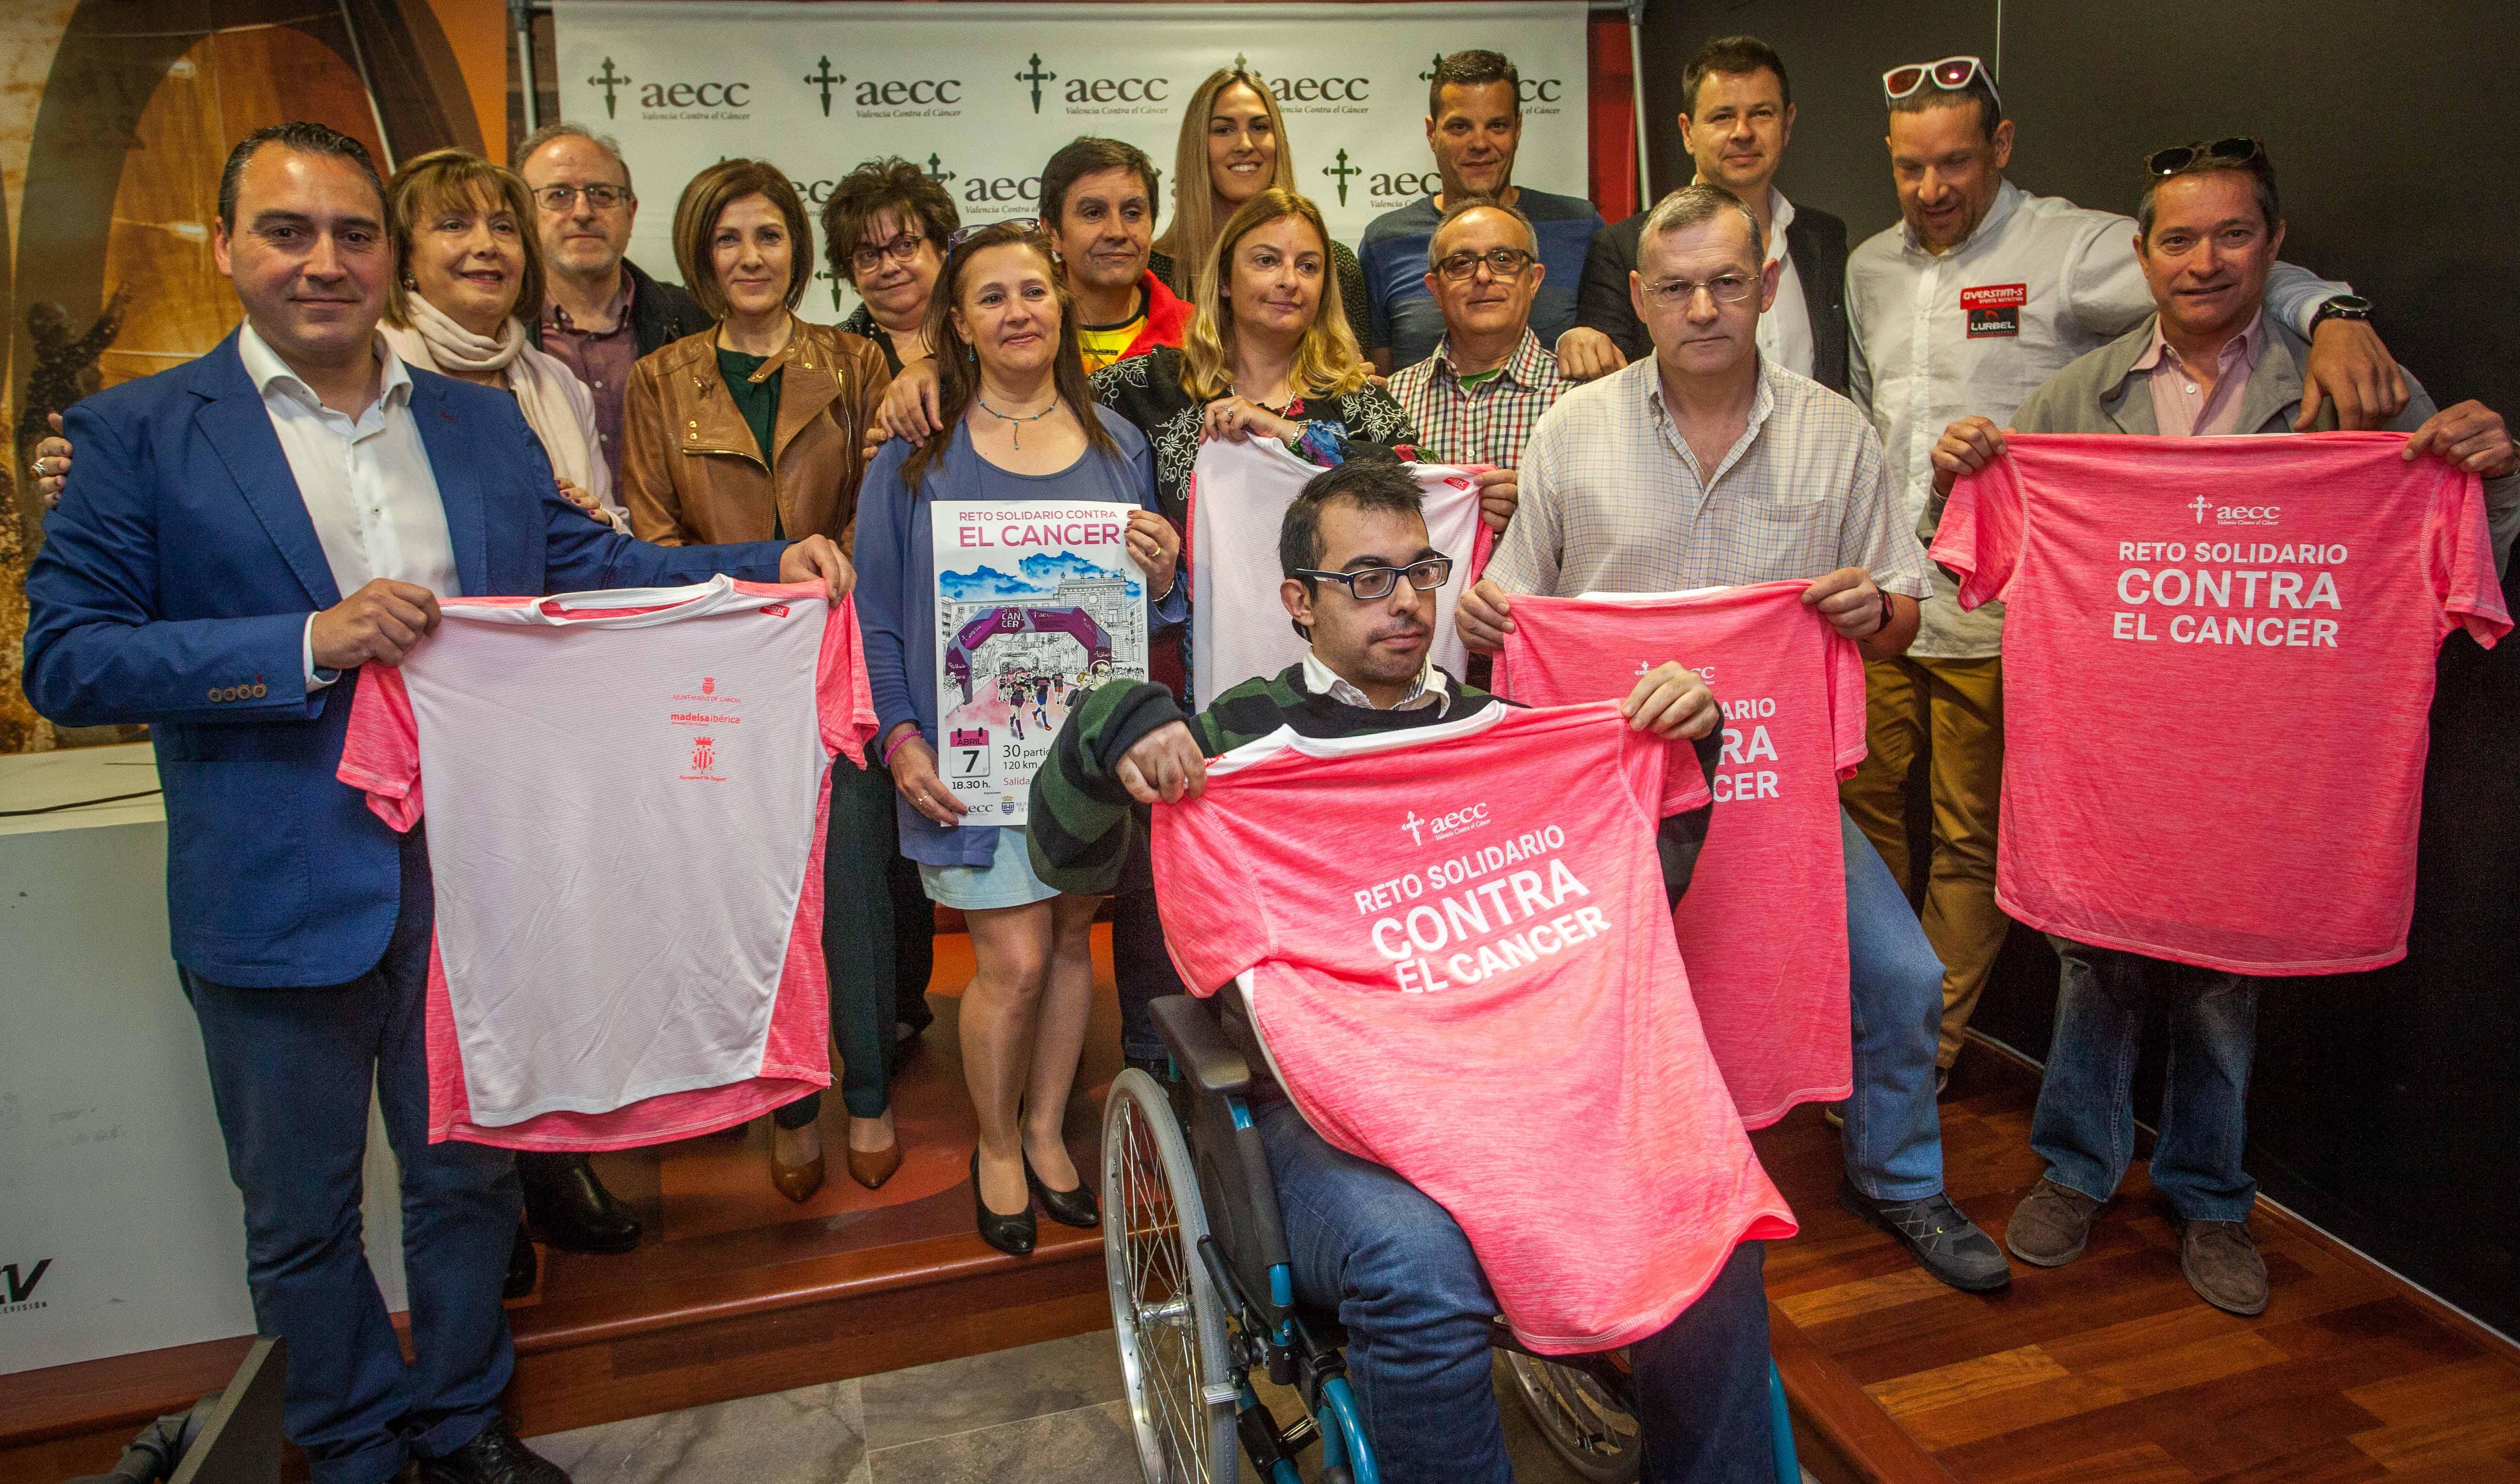 Valencia será una de las paradas de la marcha de 120 kilómetros entre Gandia y Sagunto para concienciar sobre el cáncer